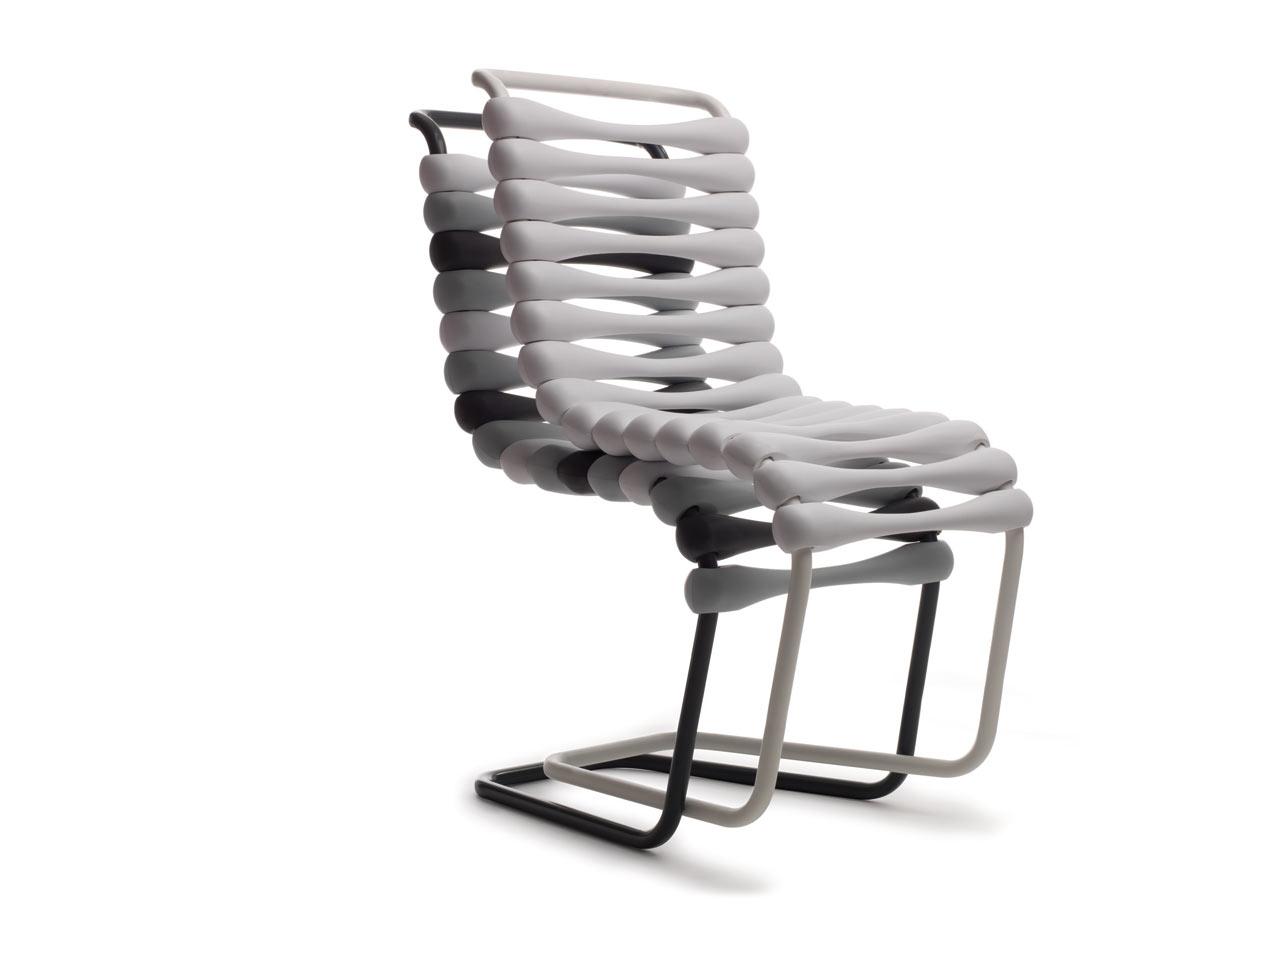 BOING-Chair-Karim-Rashid-Gufram-2